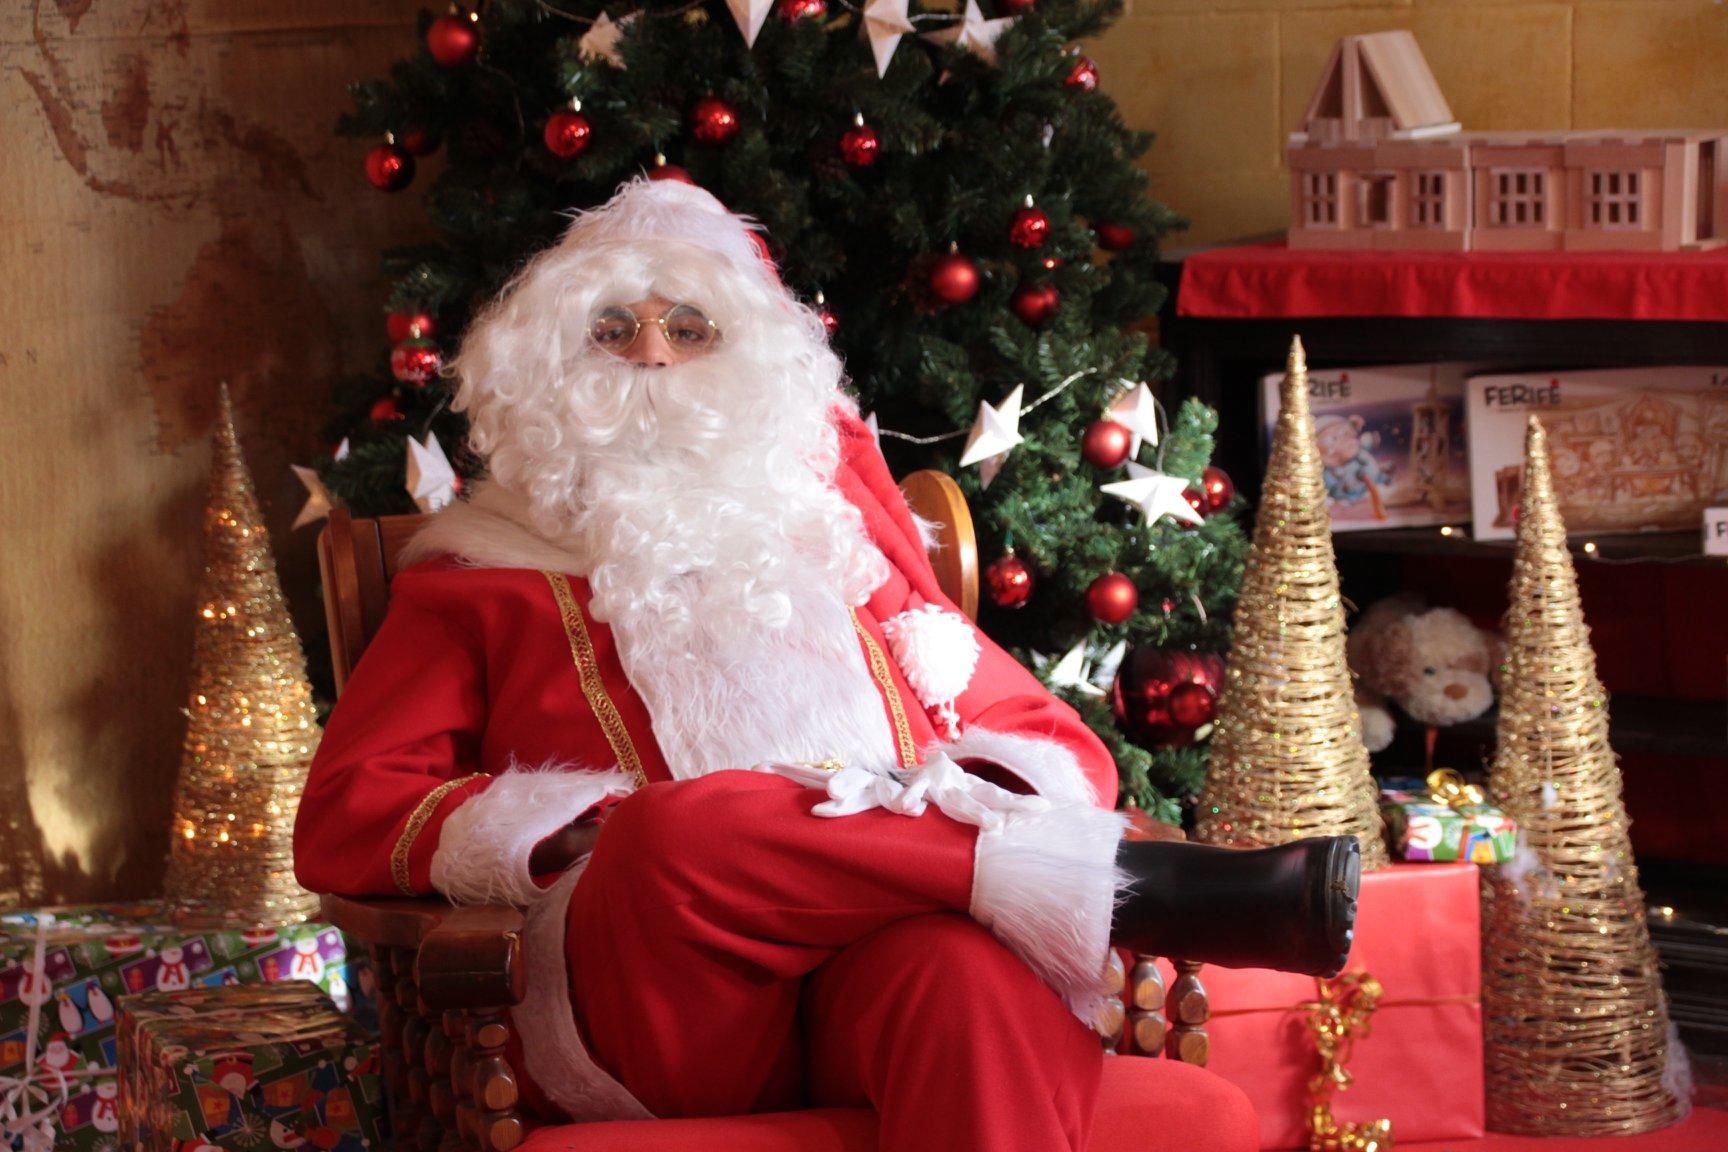 Il Babbo Natale.Babbo Natale A Domicilio Porta Babbo Natale A Casa Tua